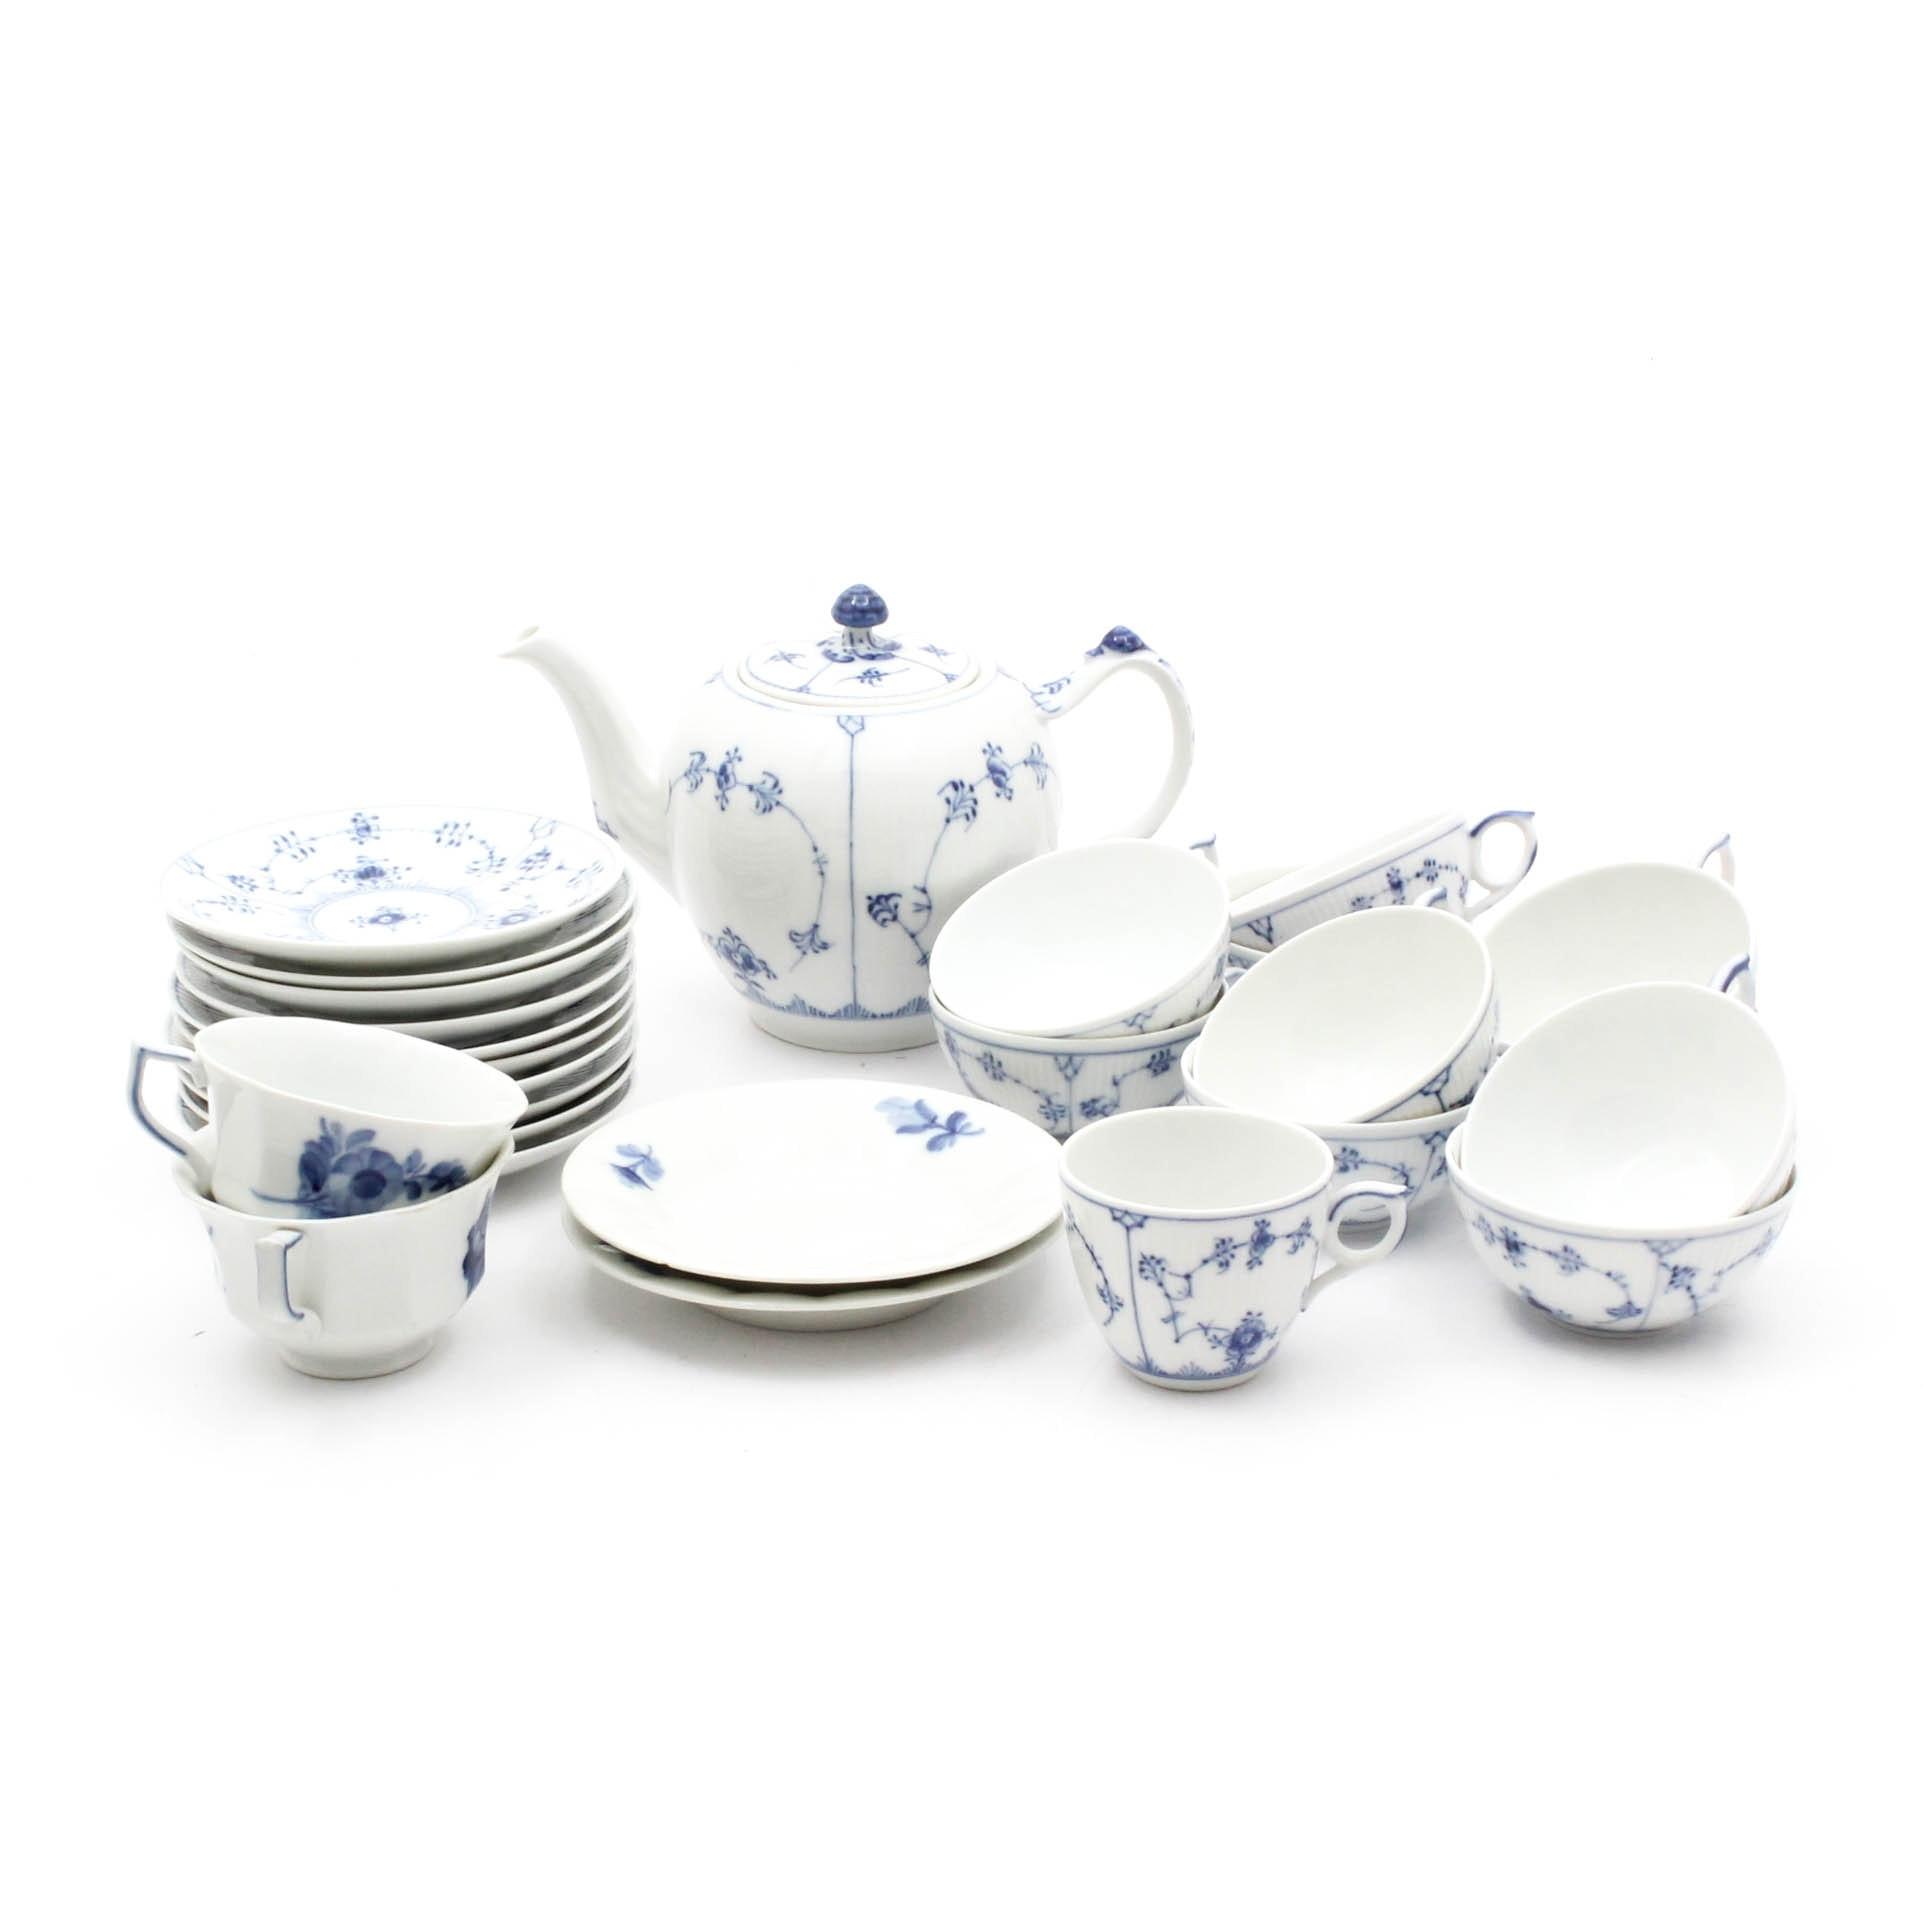 Royal Copenhagen Porcelain Tea and Saucer Assortment